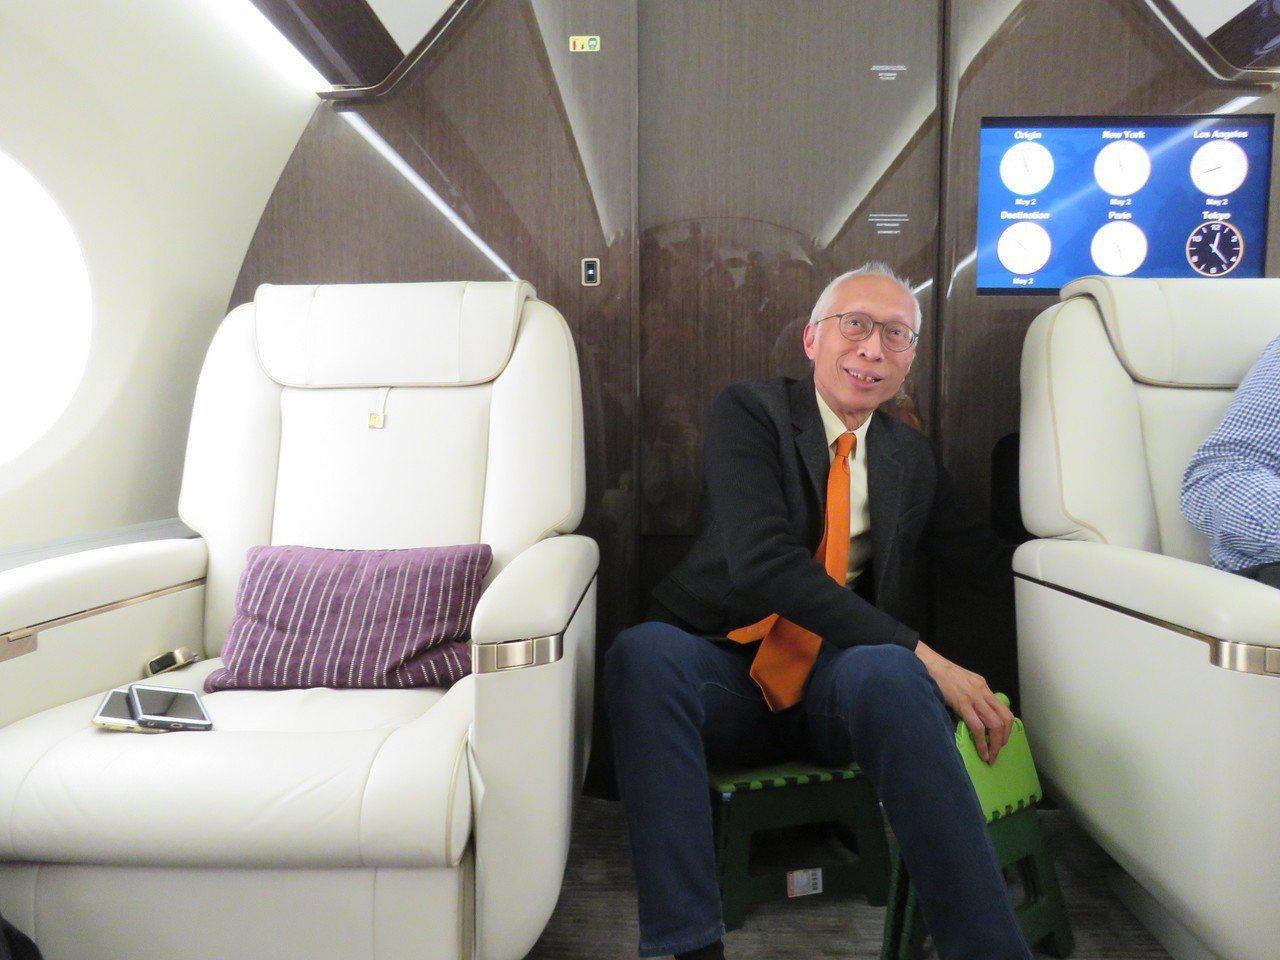 鴻海董事長郭台銘的特別助理胡國輝展示平時在郭董專機內,坐折疊板凳開會。記者張加/...